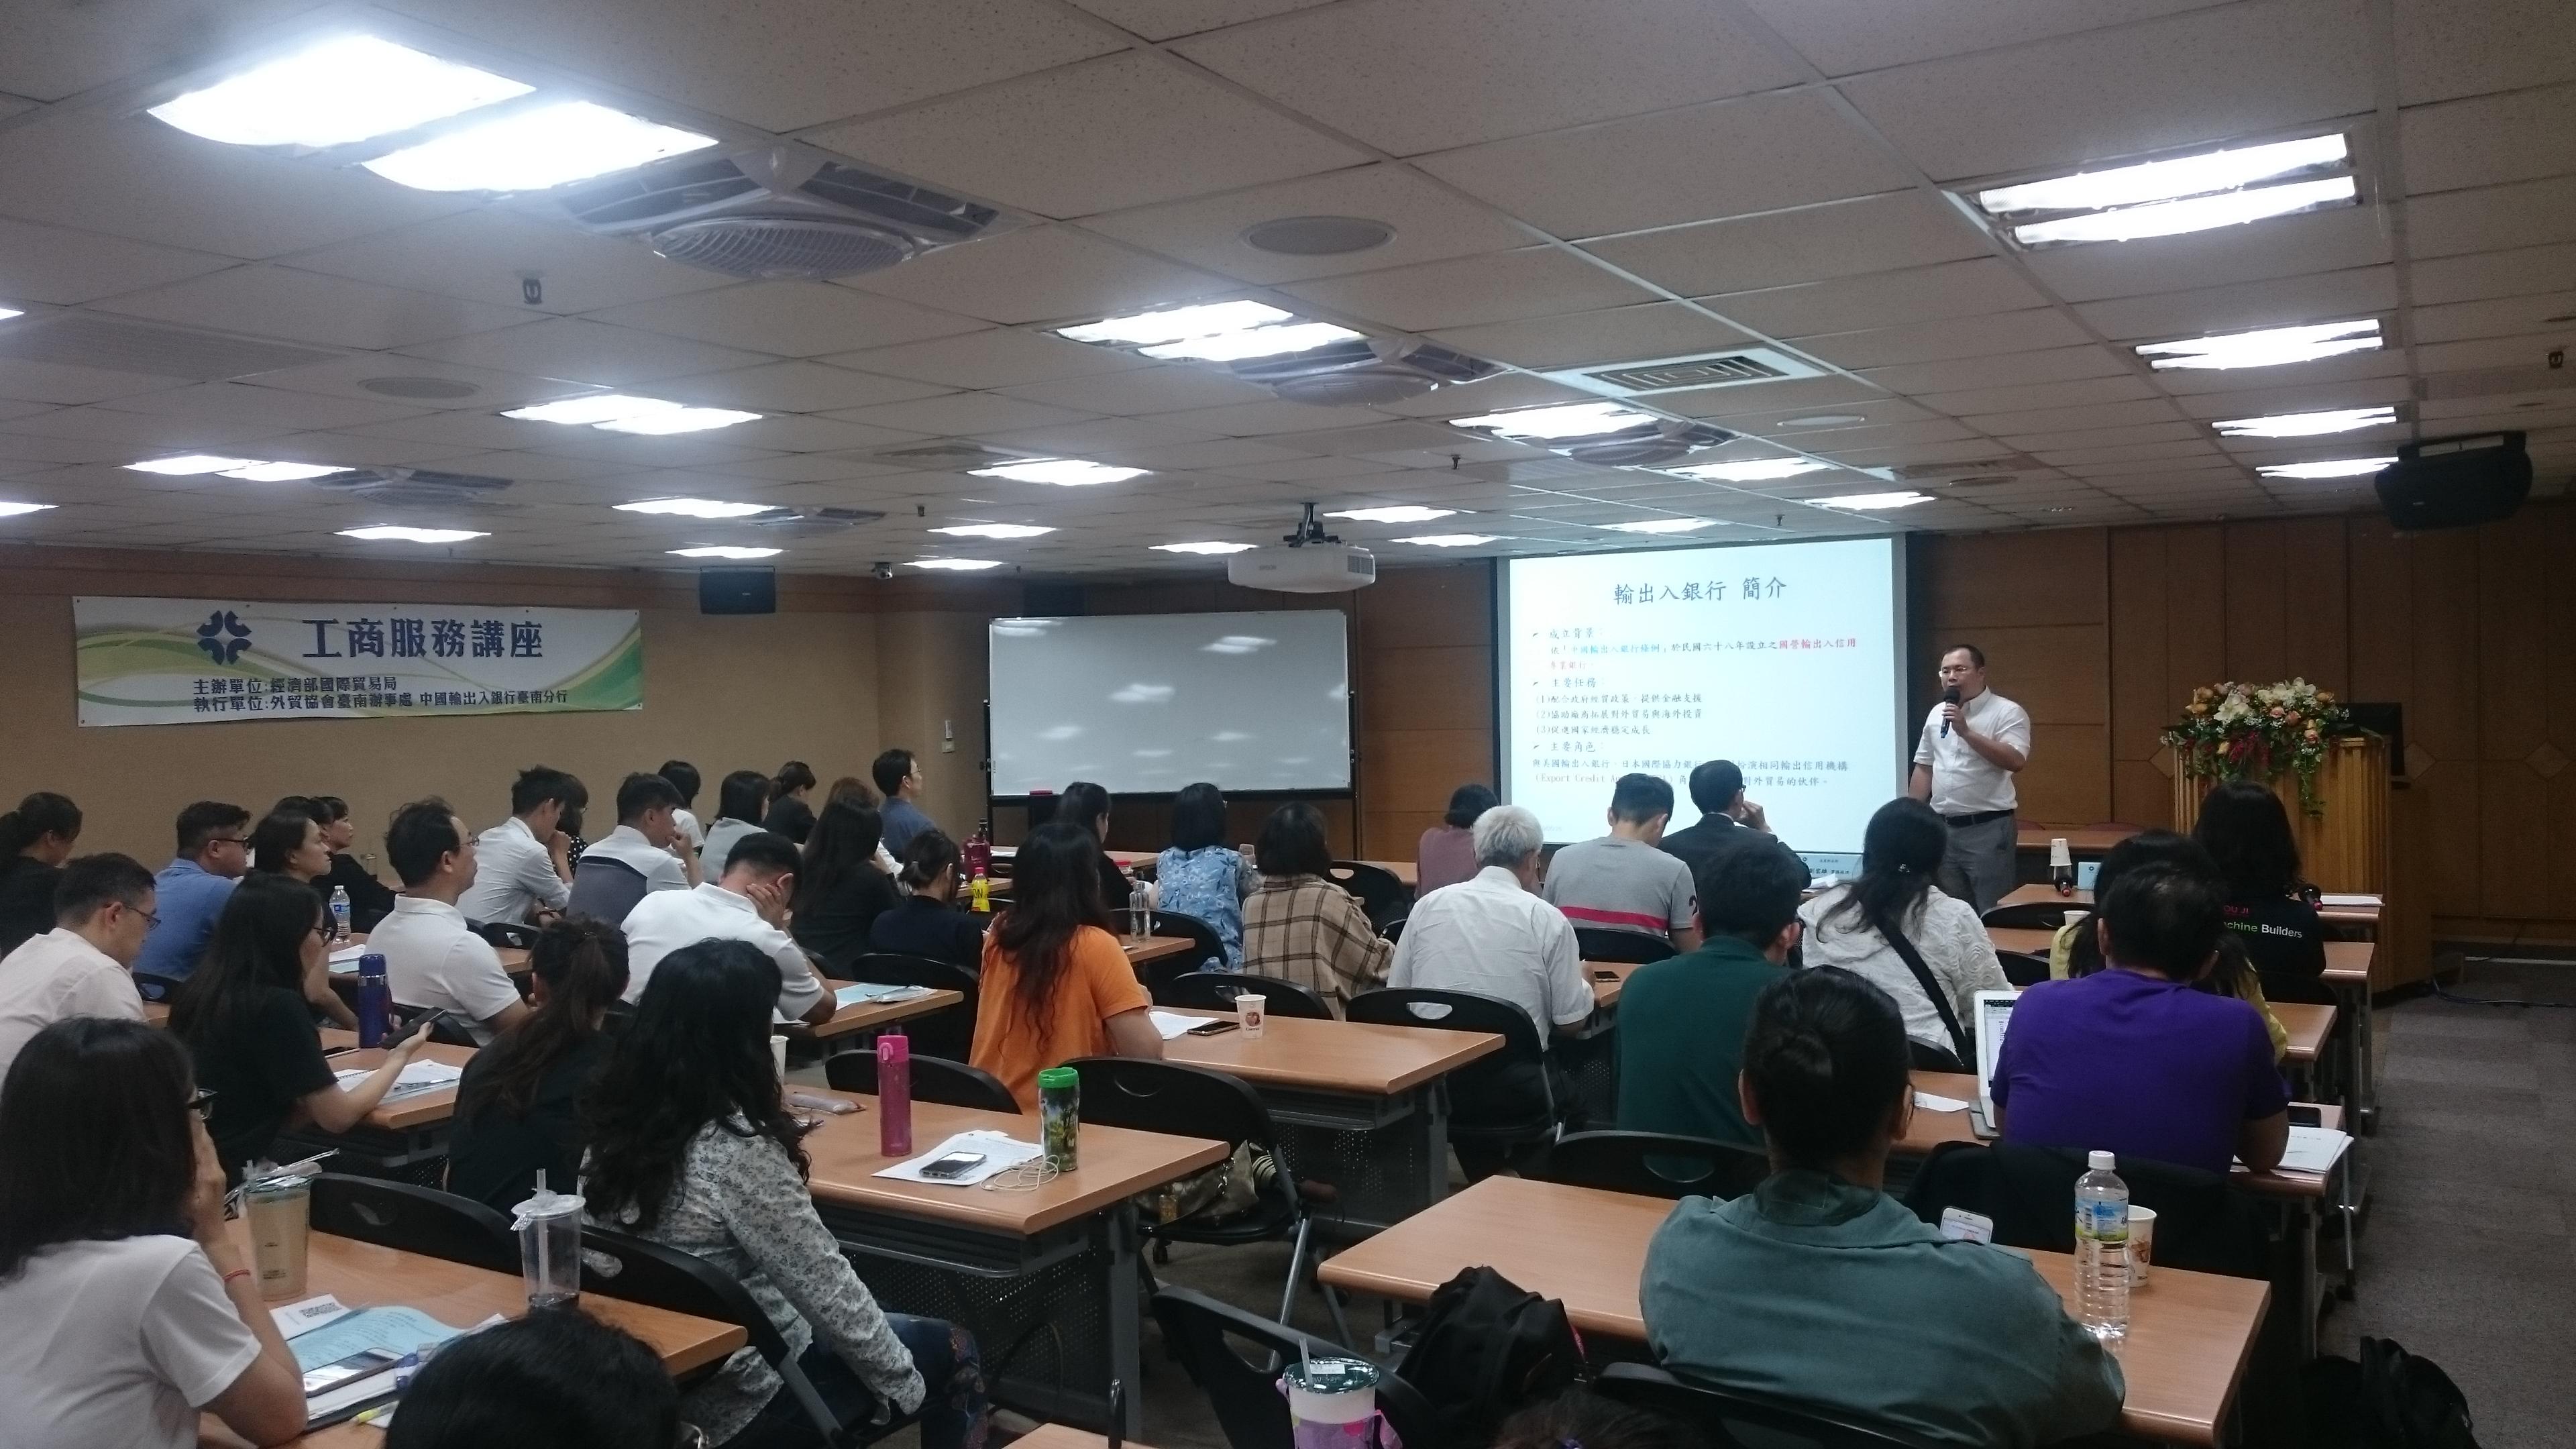 圖片說明-台南分行於5月28日與經濟部國貿局、貿協台南辦事處等單位合辦「進出口廠商與跨境電商之物流操作實務」研討會